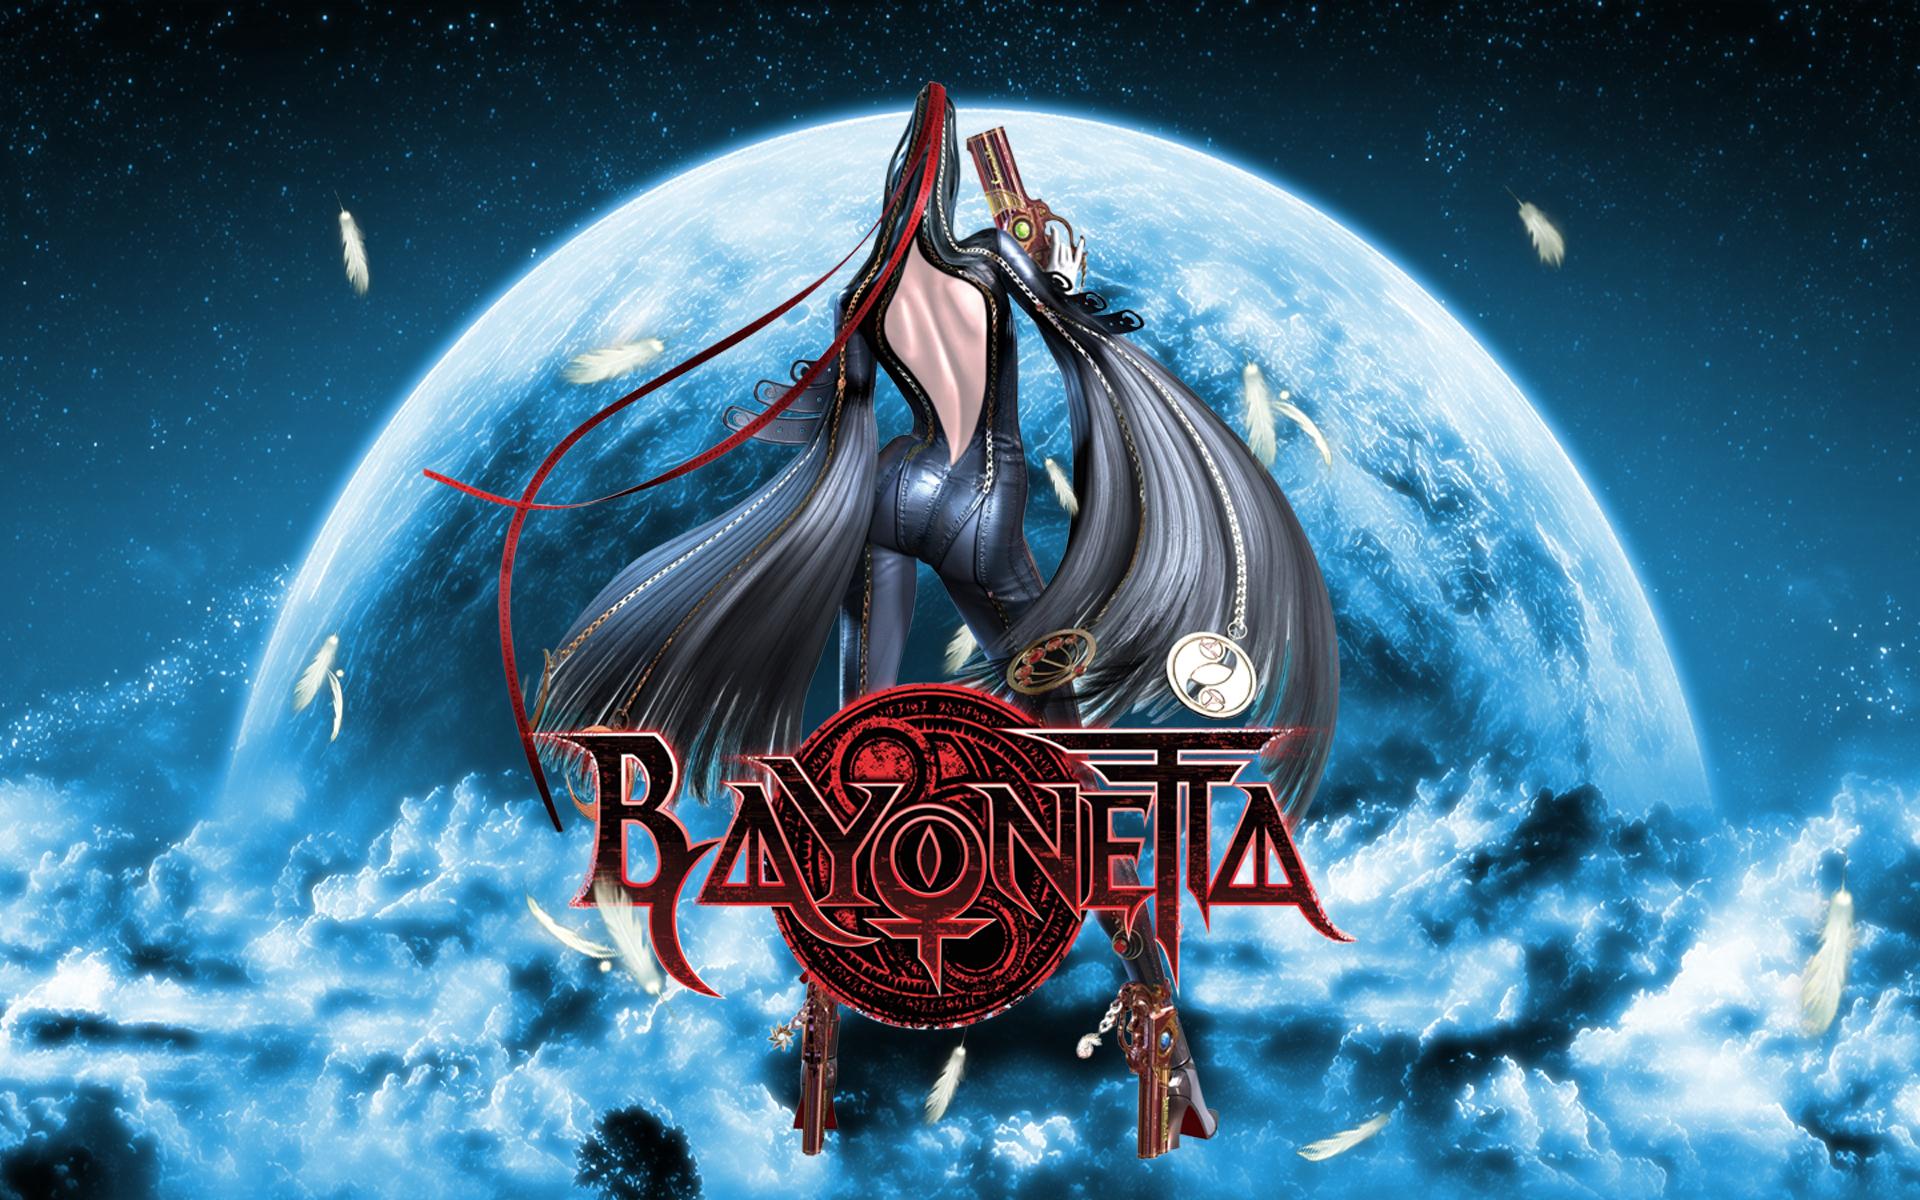 Bayonetta PC (Steam)